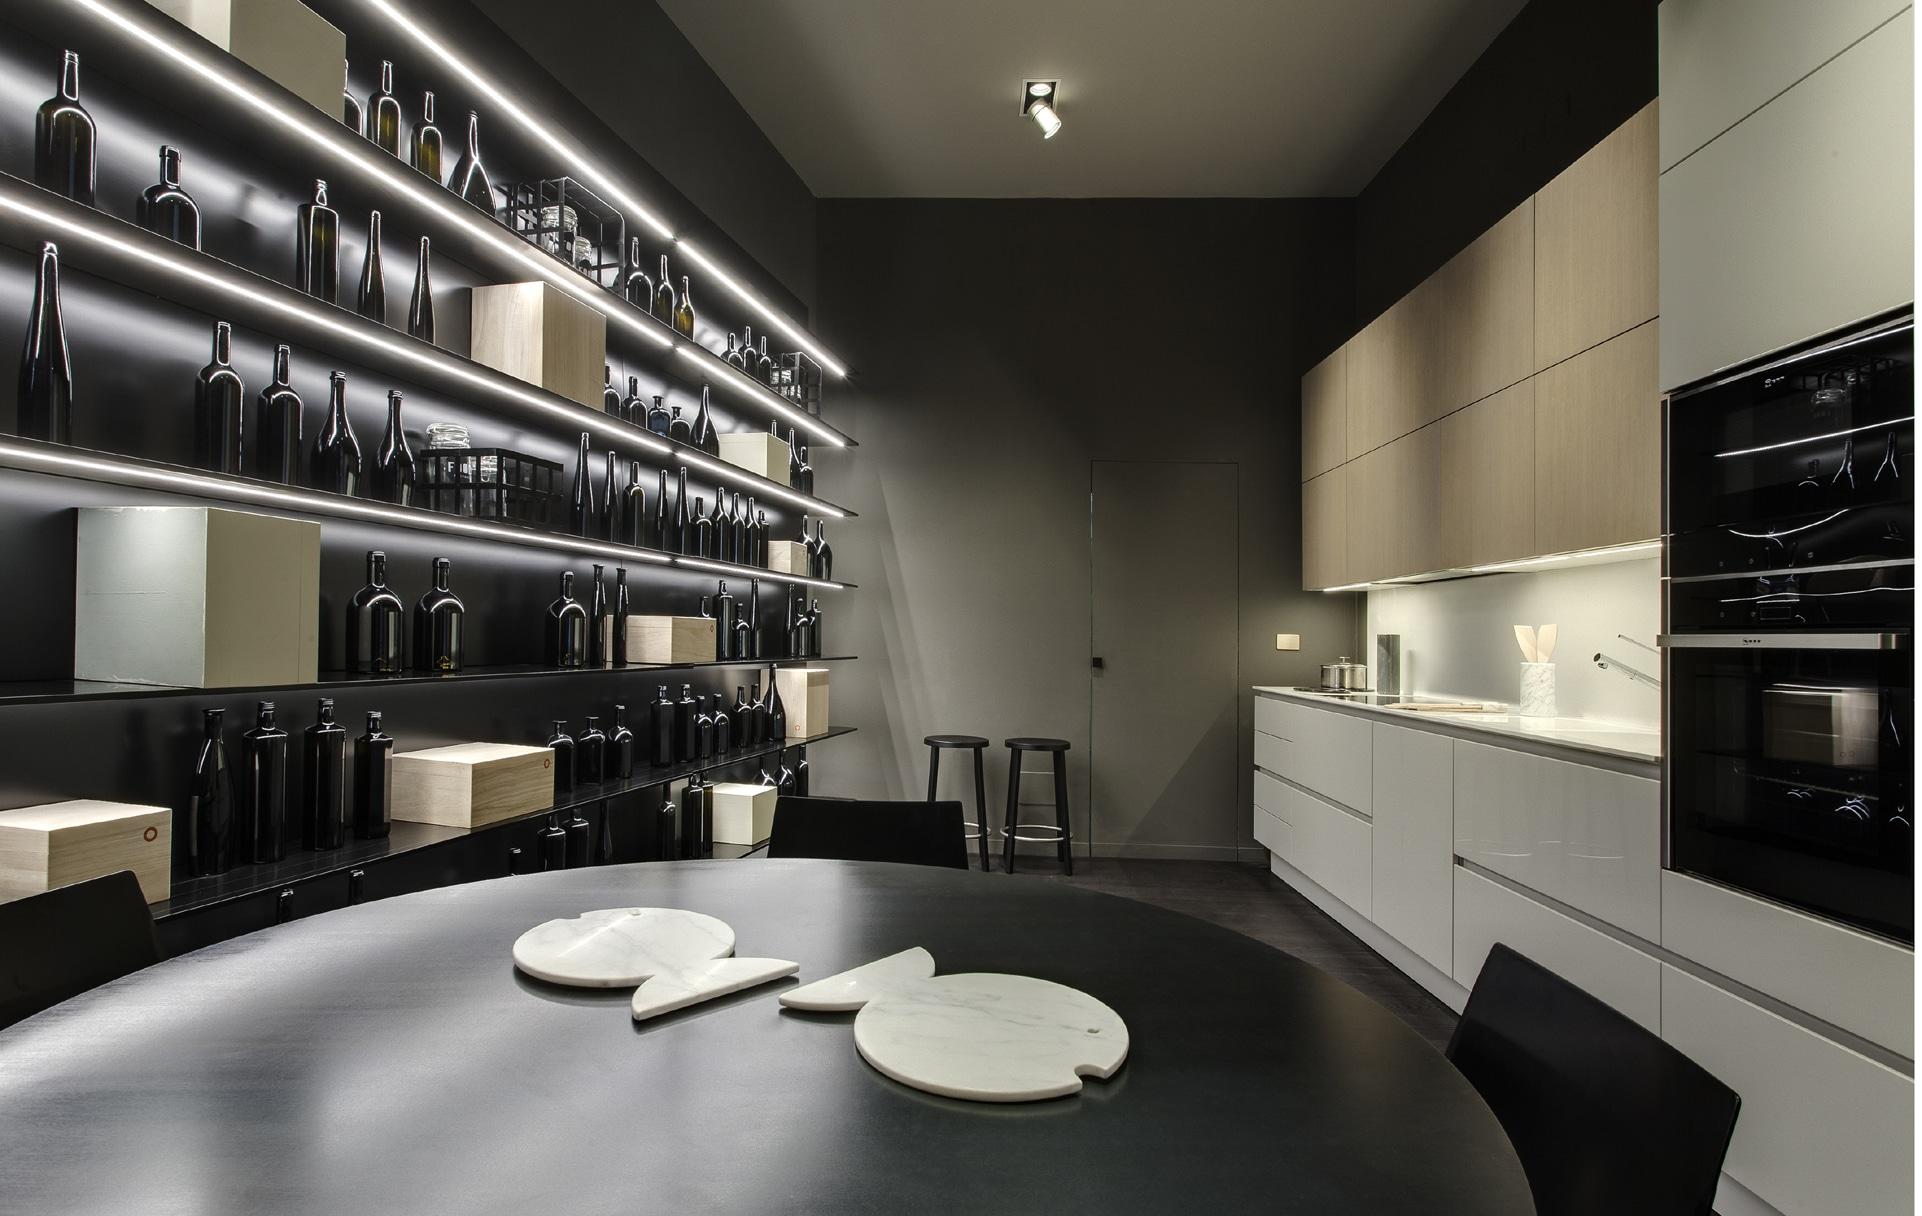 Il nuovo spazio ernestomeda a milano interni magazine for Misura arredamenti milano